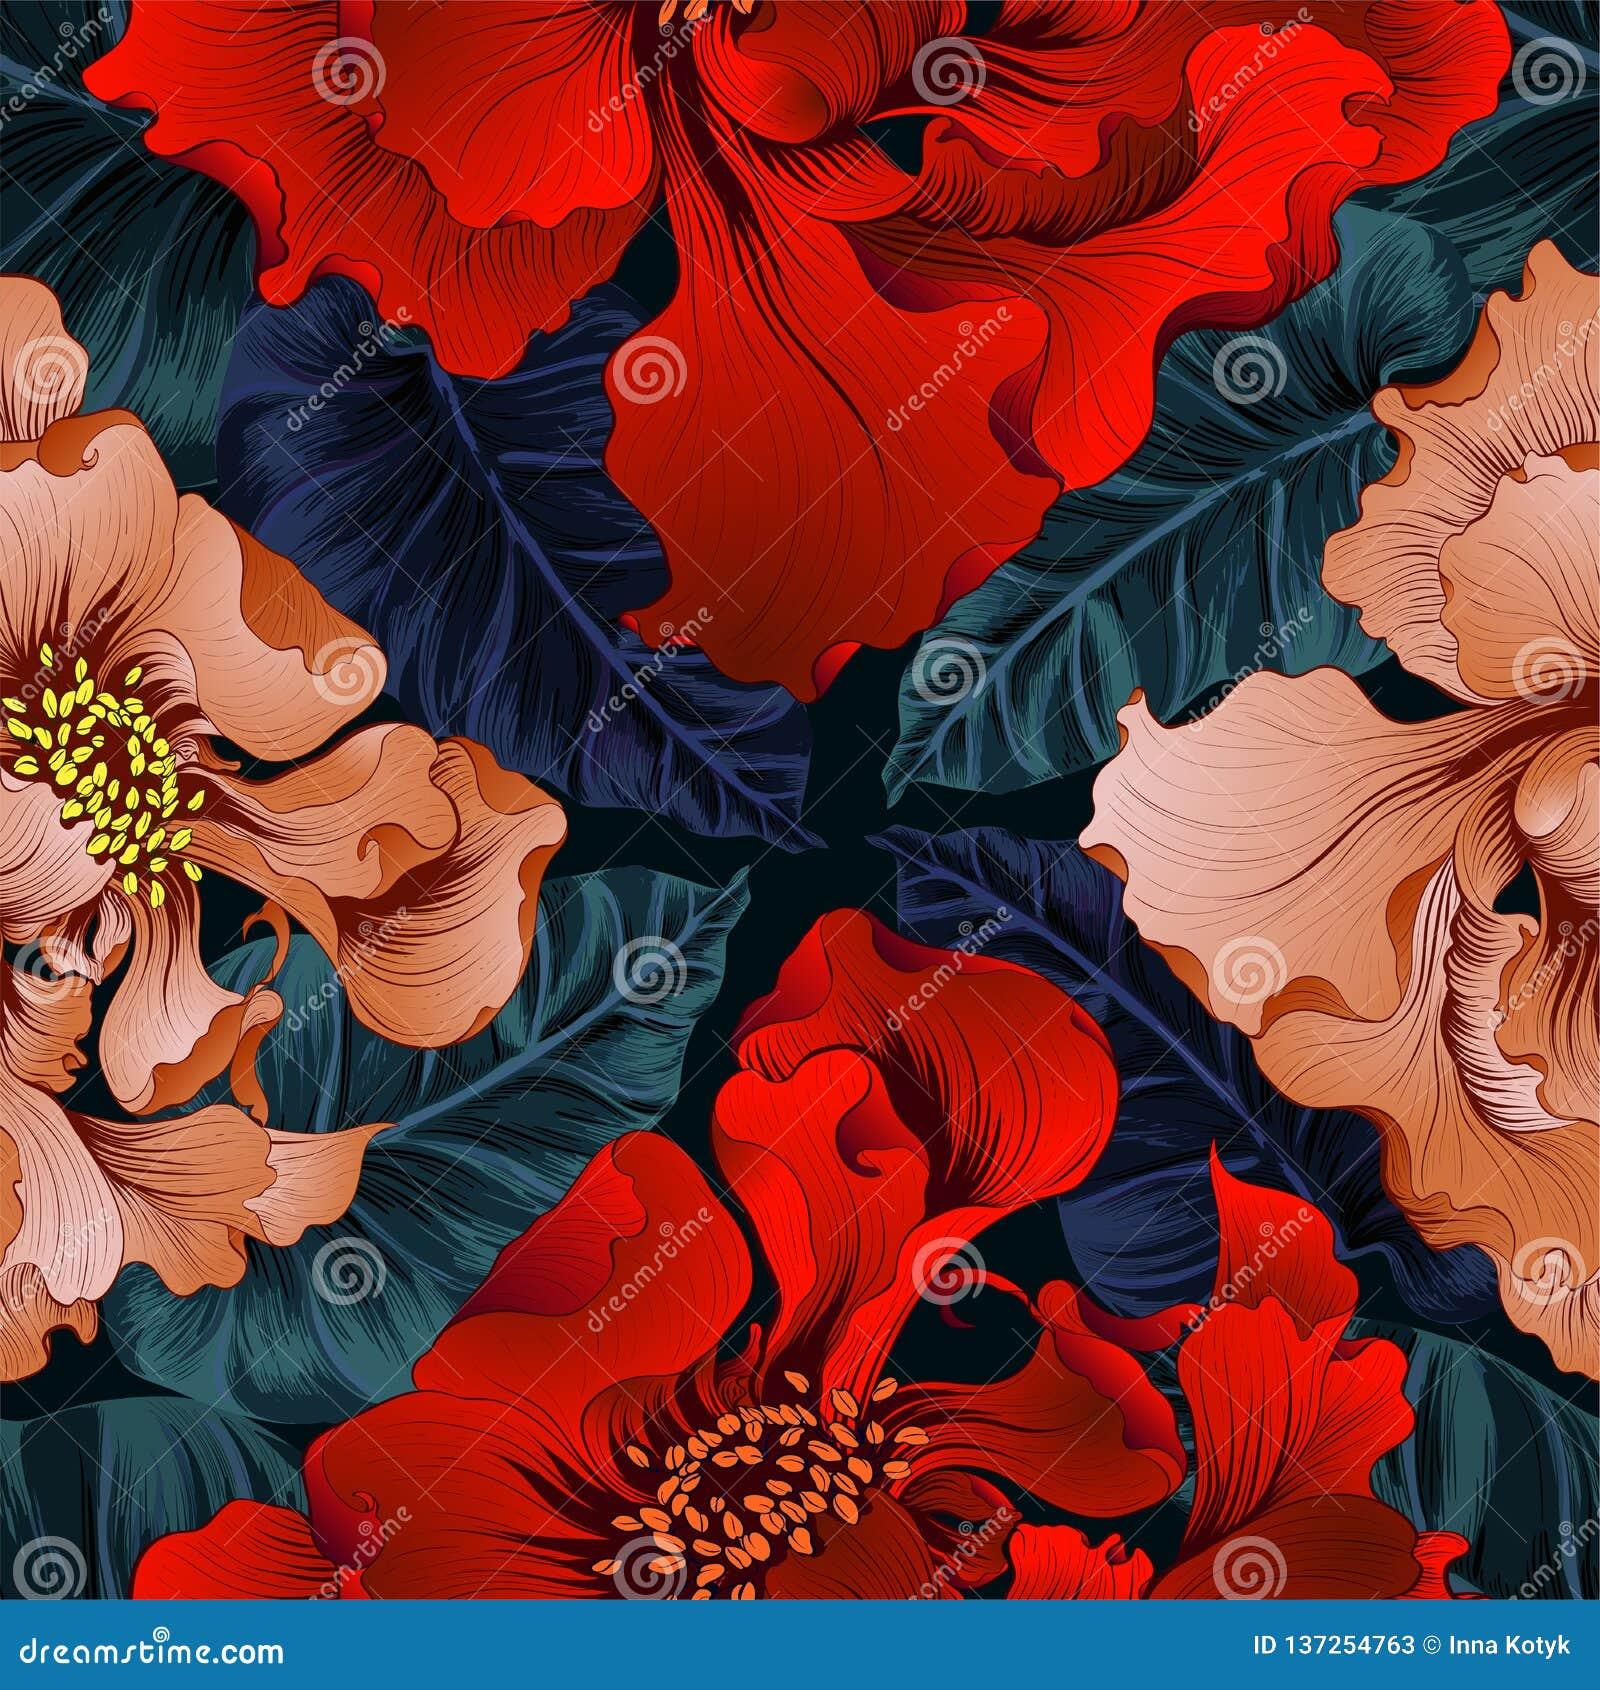 Vektor Fantasieblumen - dekorative Zusammensetzung Blumen mit den langen Blumenblättern tapete Nahtlose Muster